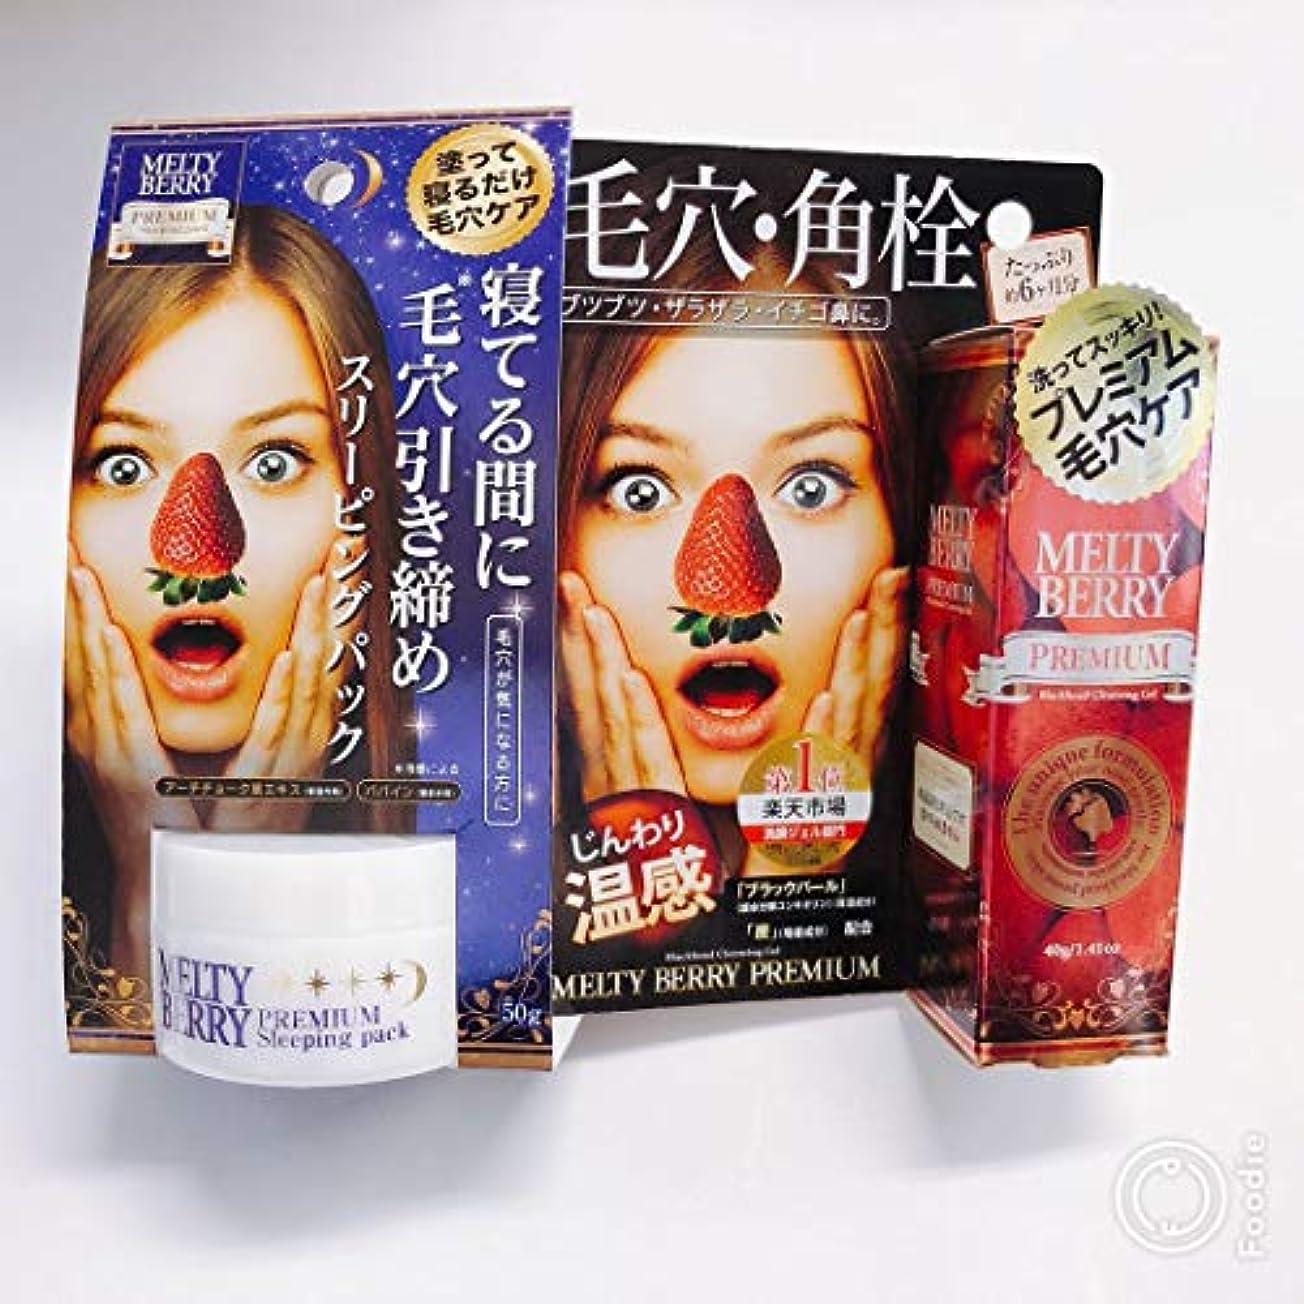 応答魔法ウイルスメルティベリープレミアム毛穴角栓ジェル+プレミアム スリーピングパック セットMELTY BERRY草莓鼻